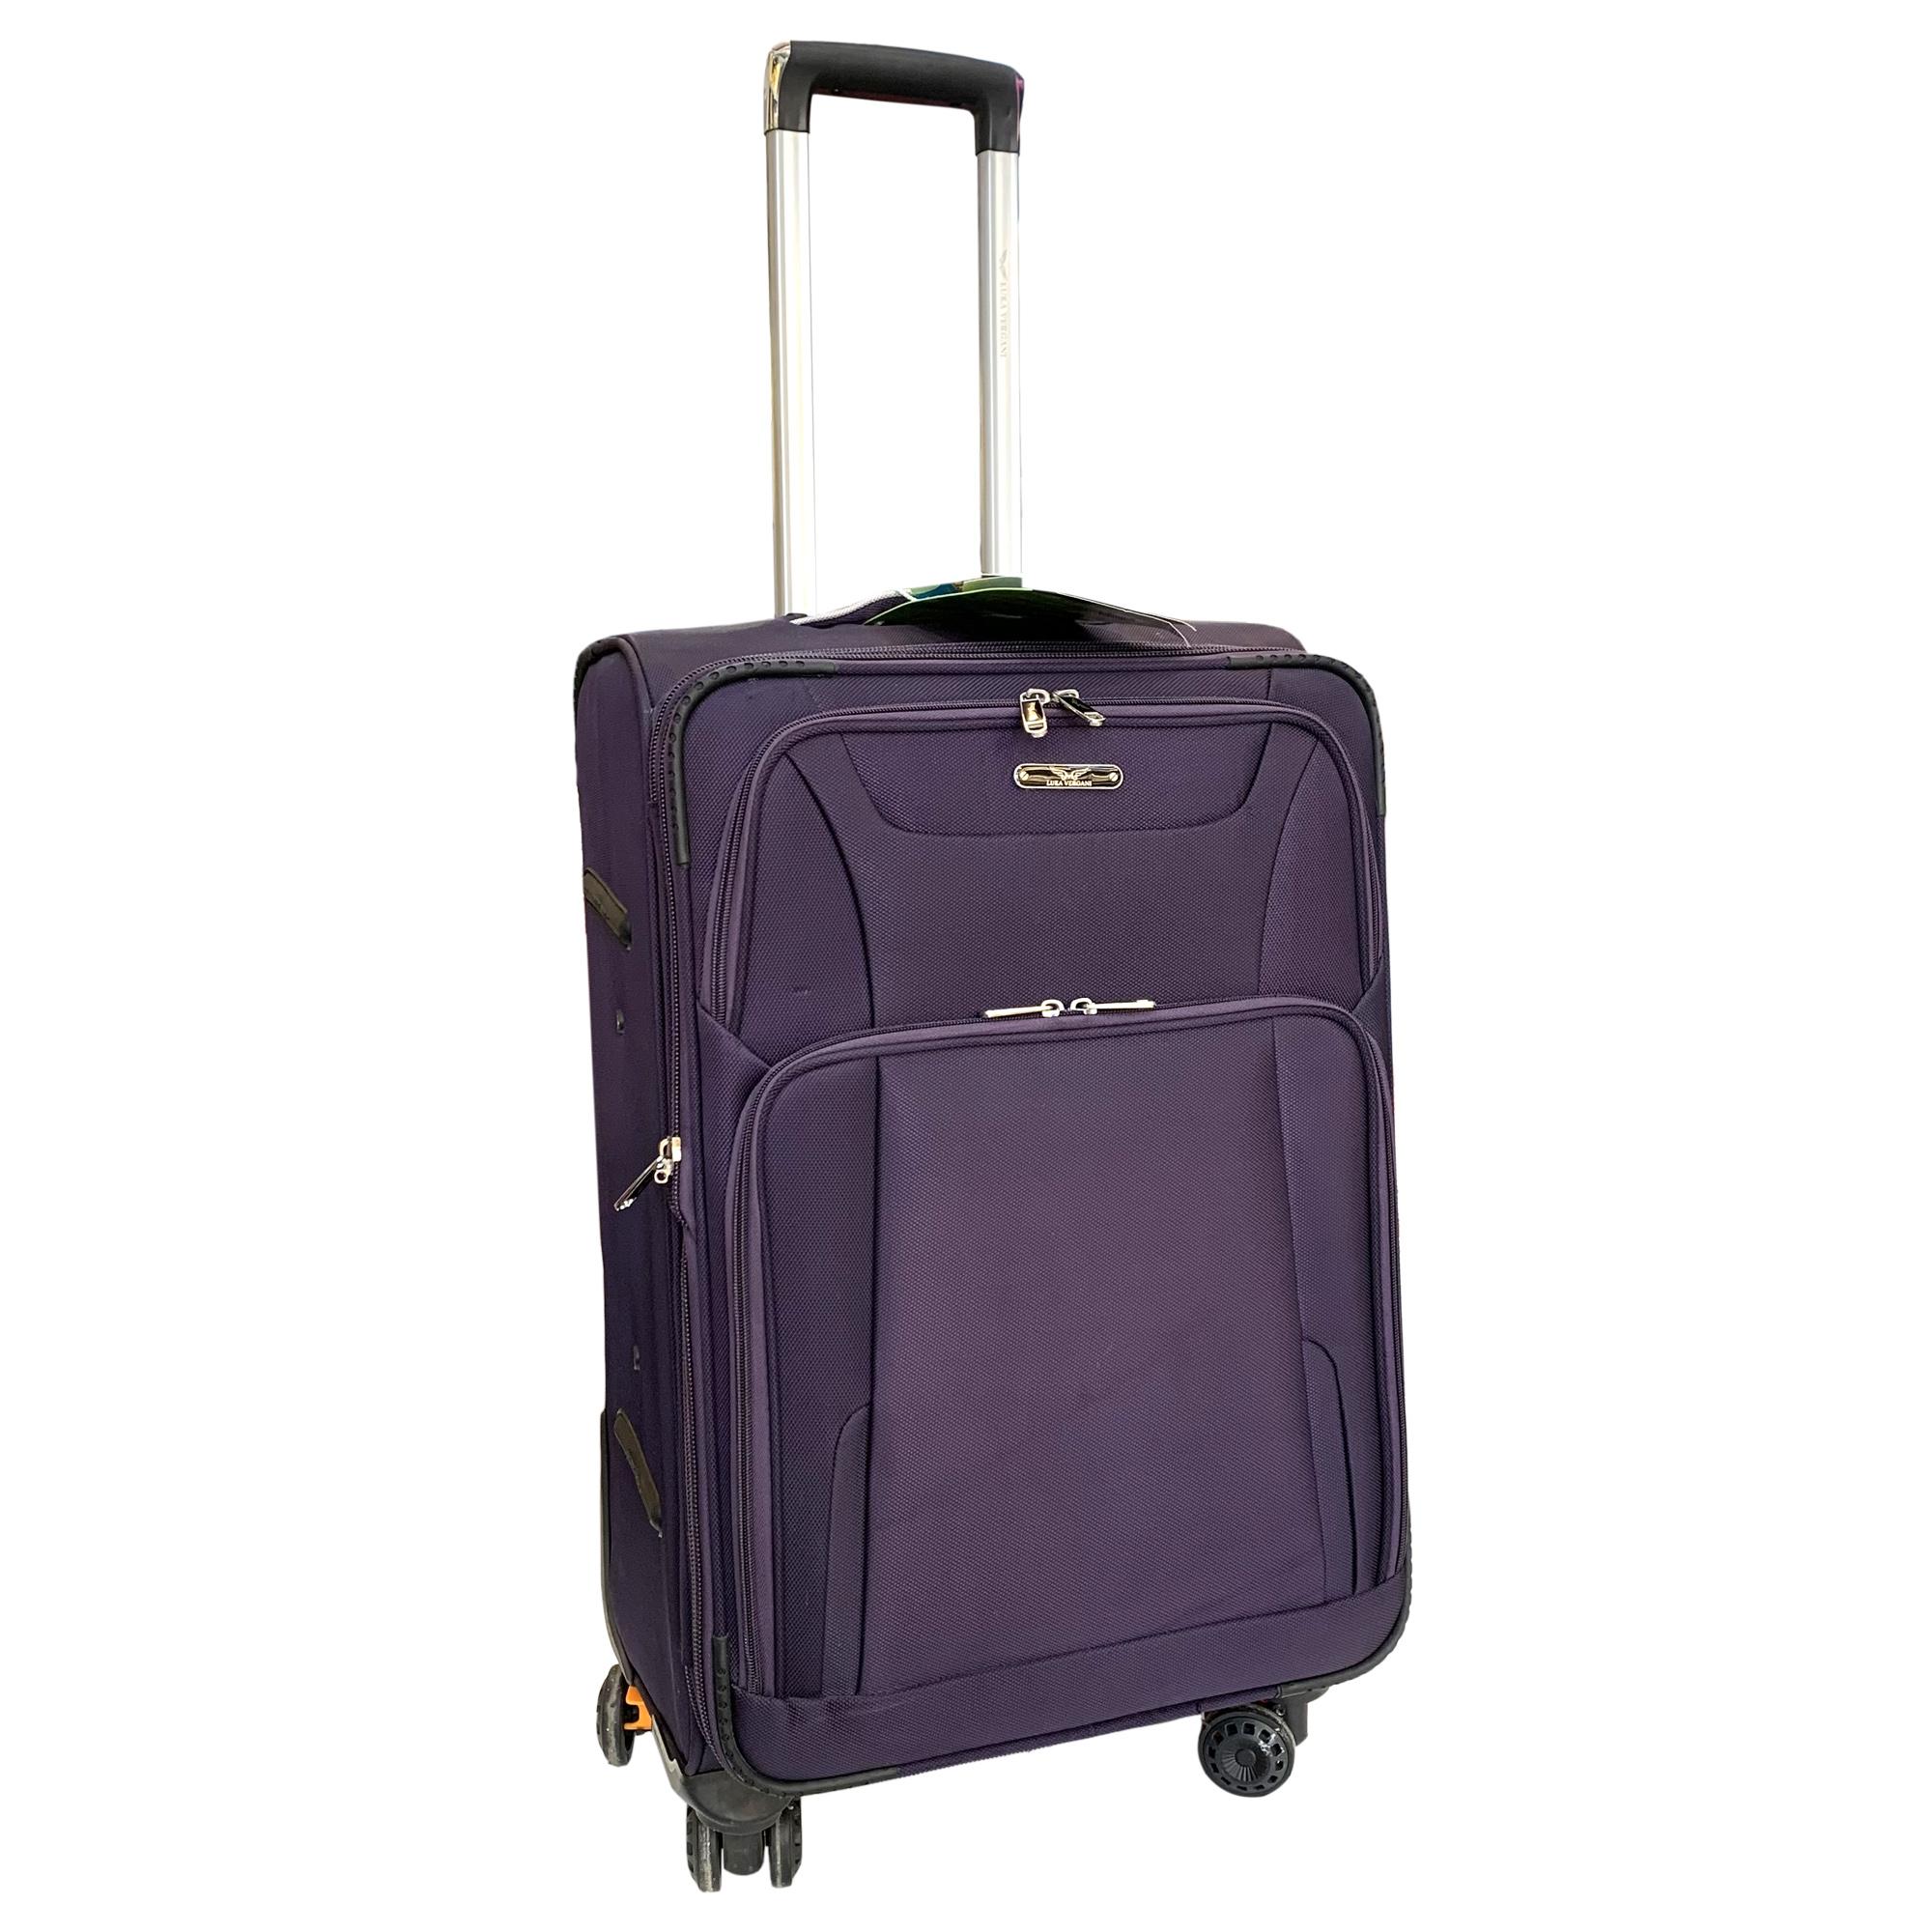 خرید                                      چمدان لوکاورگانا مدل C032 سایز کوچک